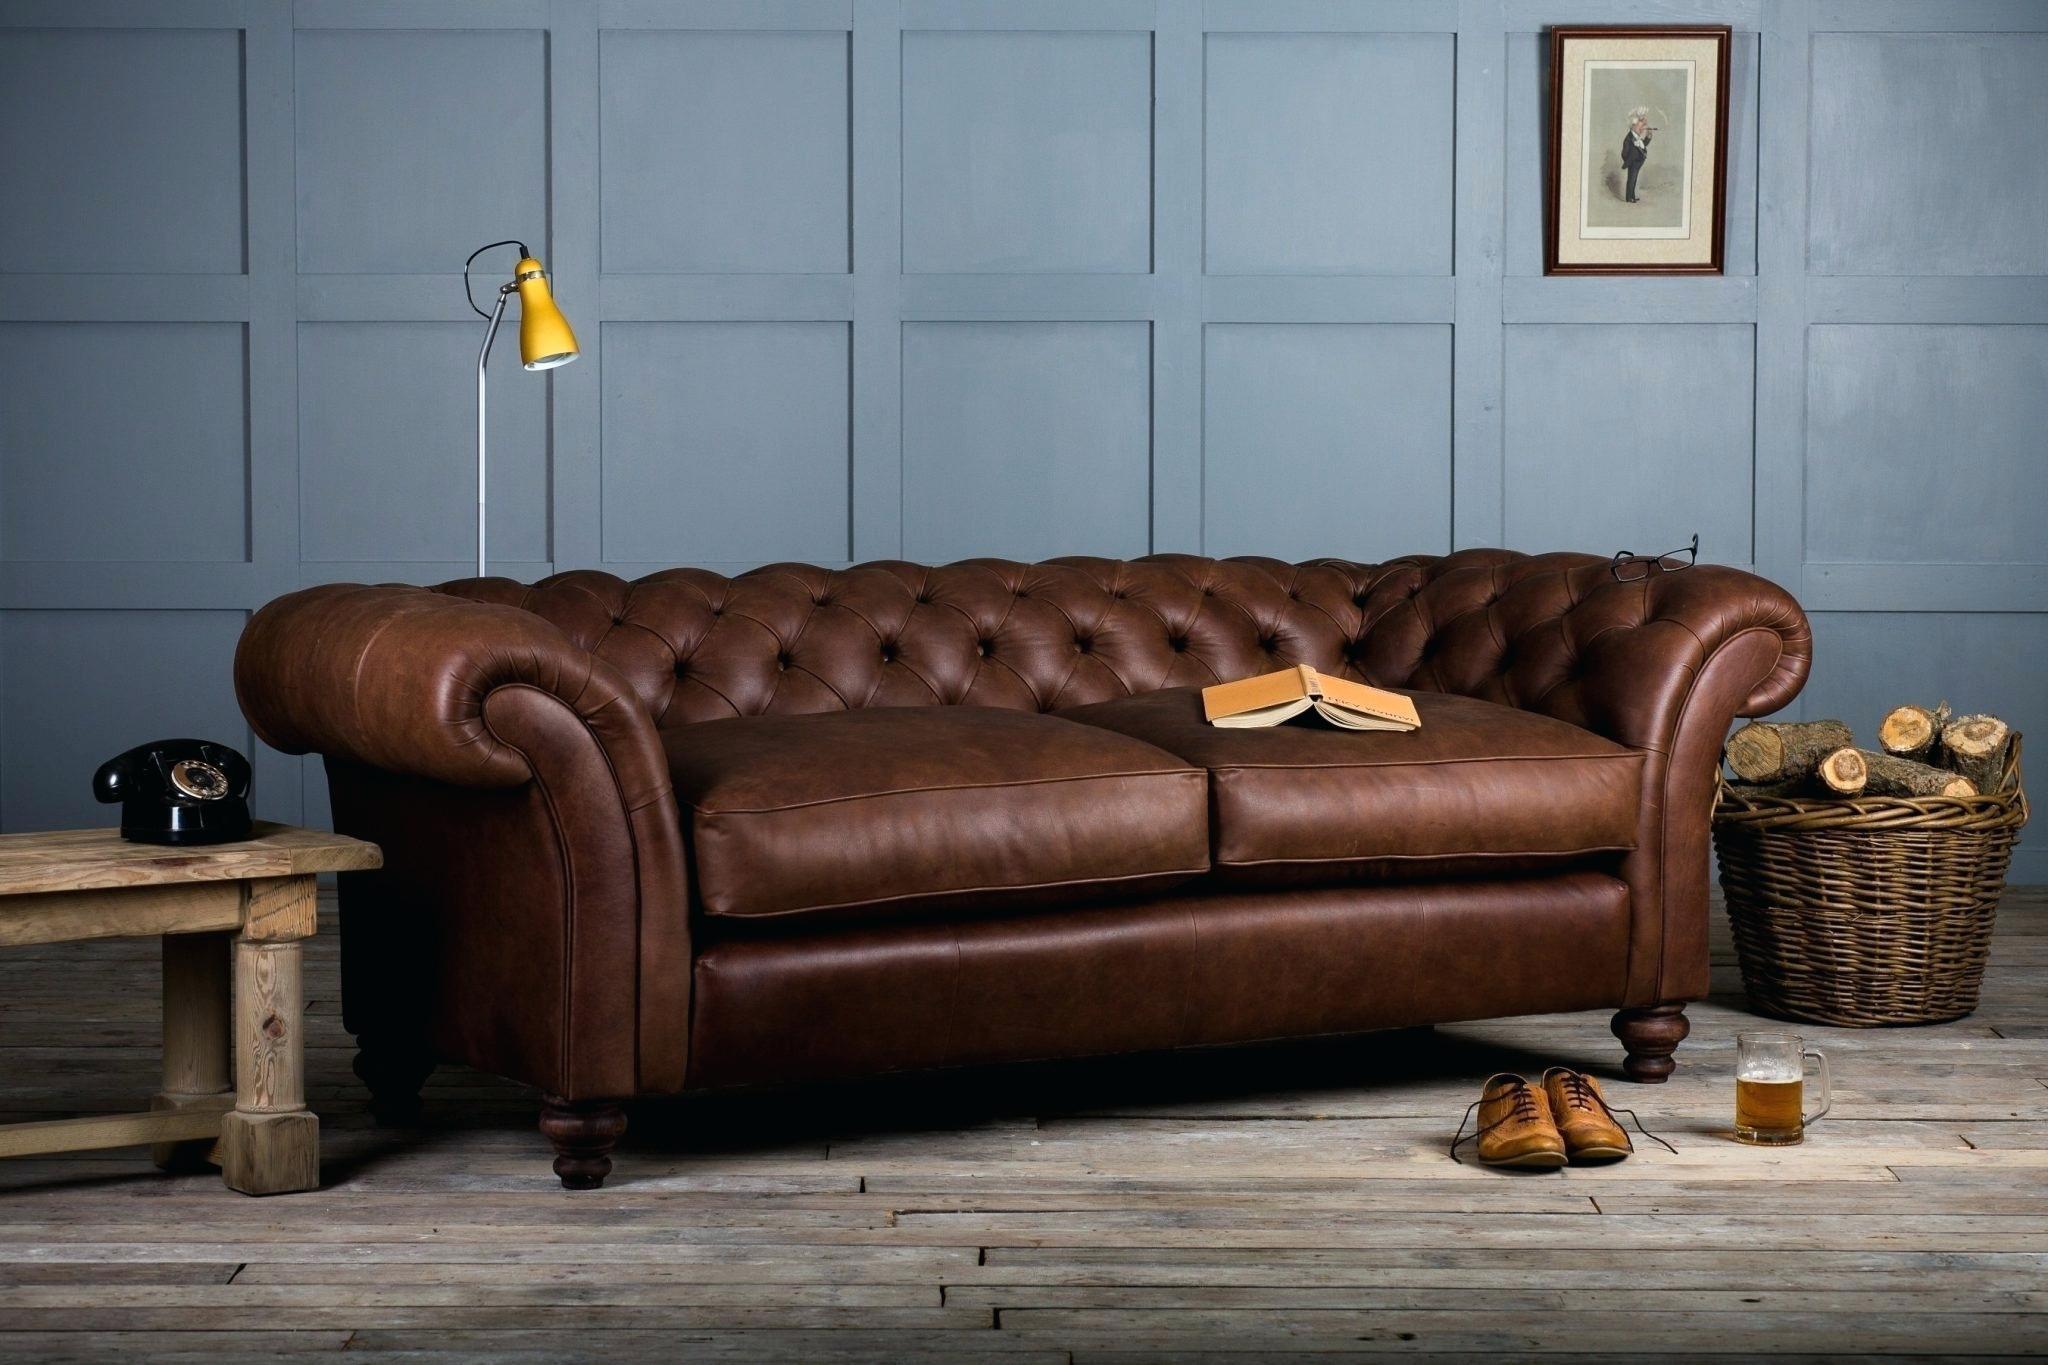 Sofa Ideas Full Grain Leather Sofas Explore 15 of 20 s